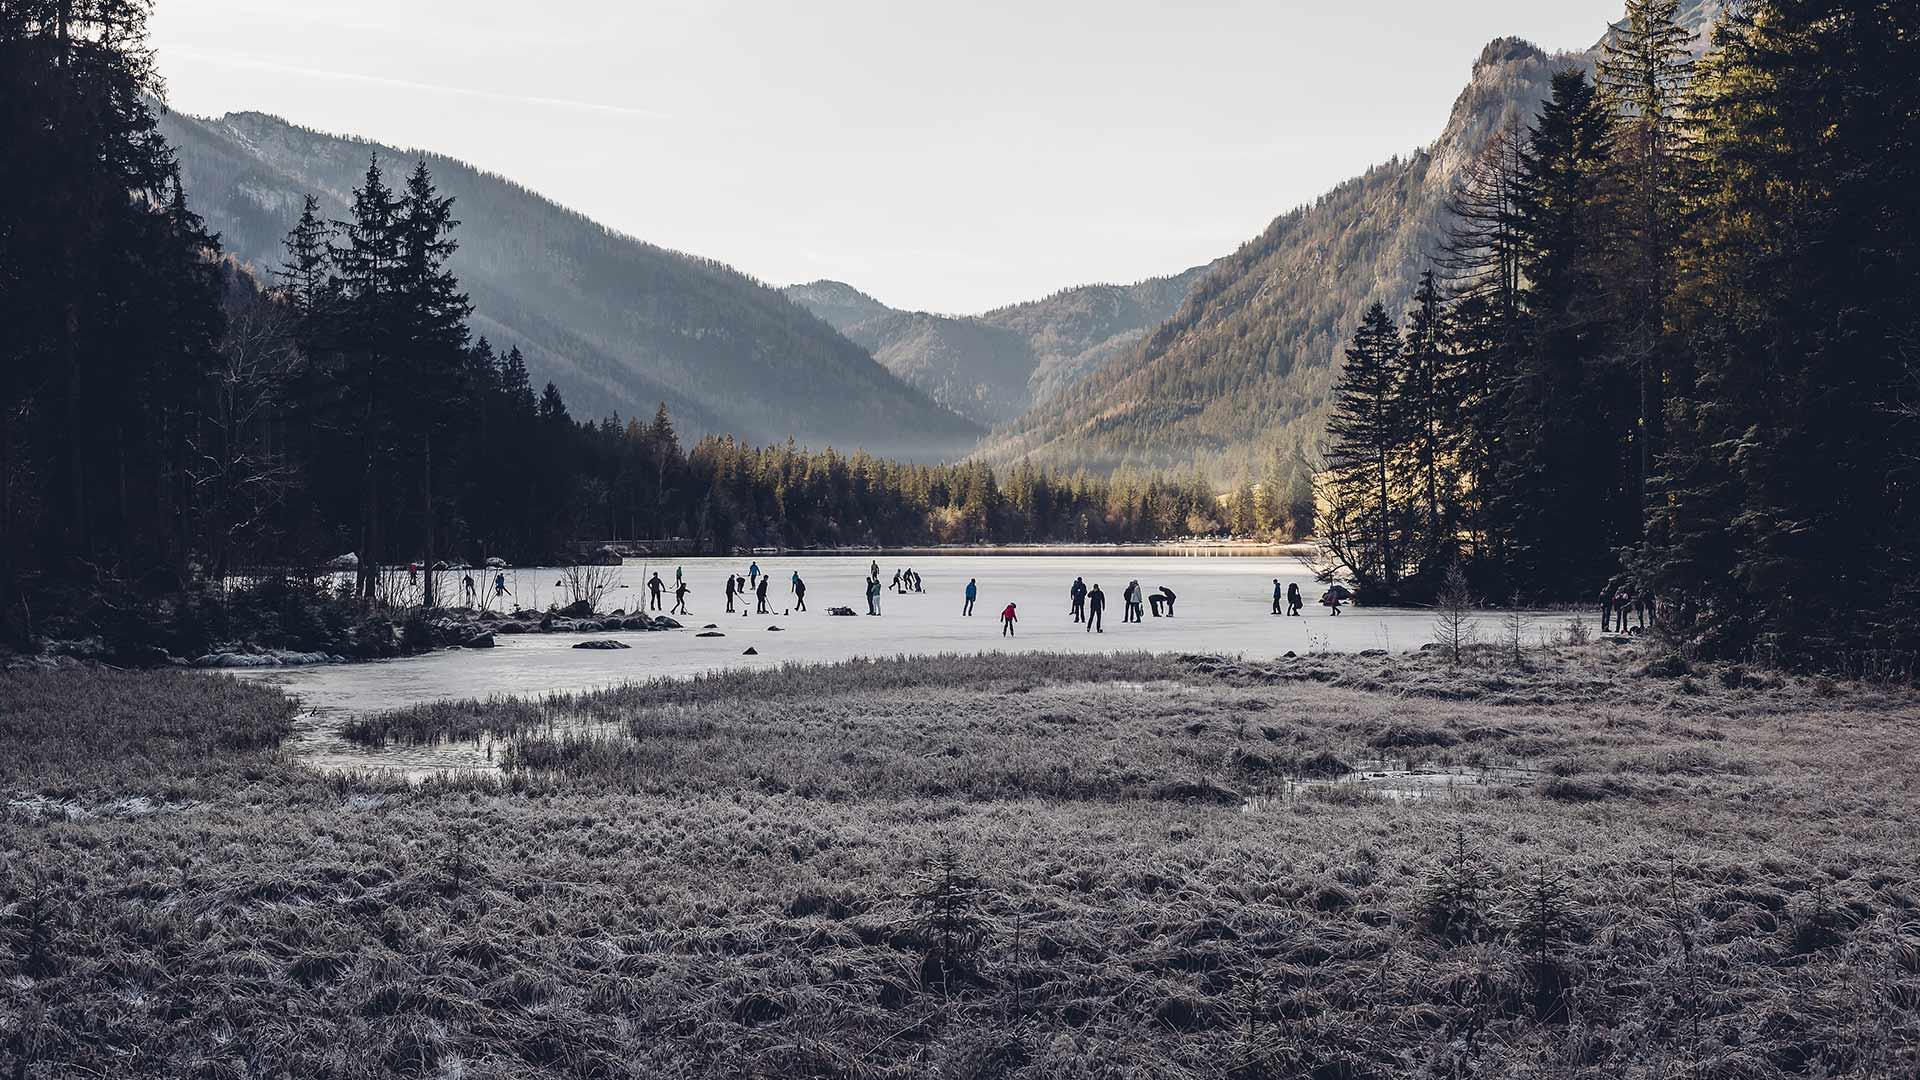 贝希特斯加登县拉姆绍小镇上结冰的Hintersee湖和滑冰者Hintersee湖